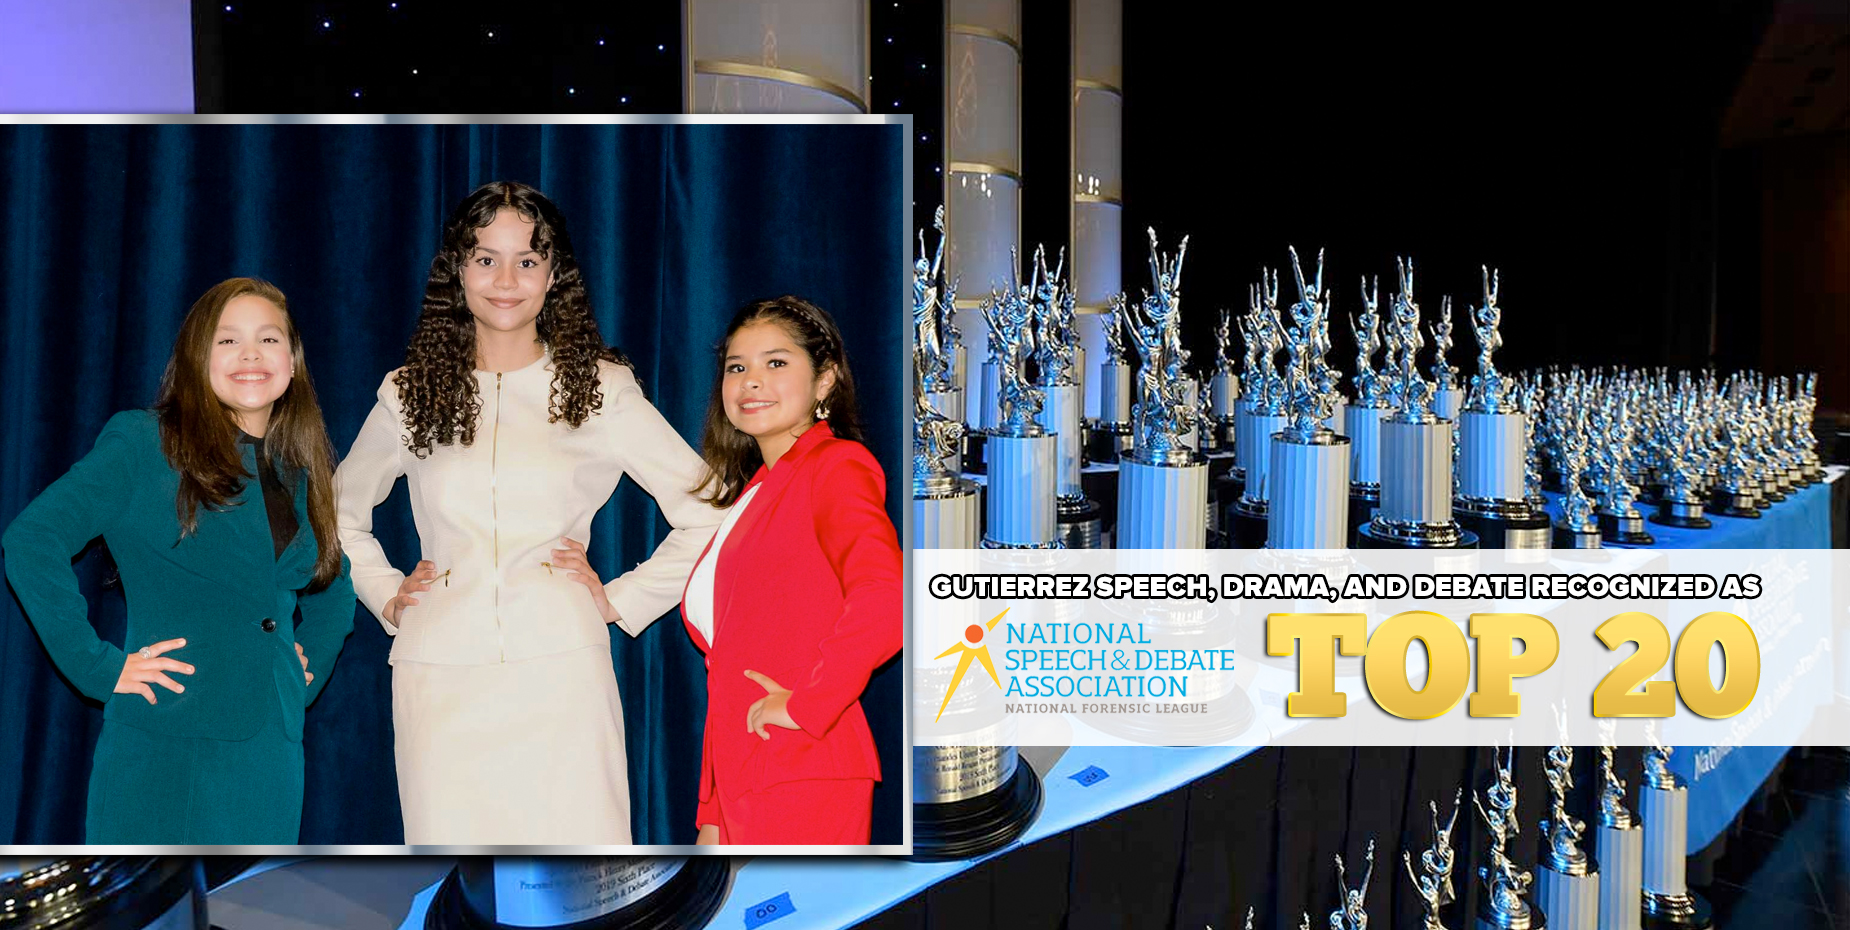 El equipo de Oratoria, Drama y Debate de Gutierrez es reconocido por NSDA entre los primeros 20.